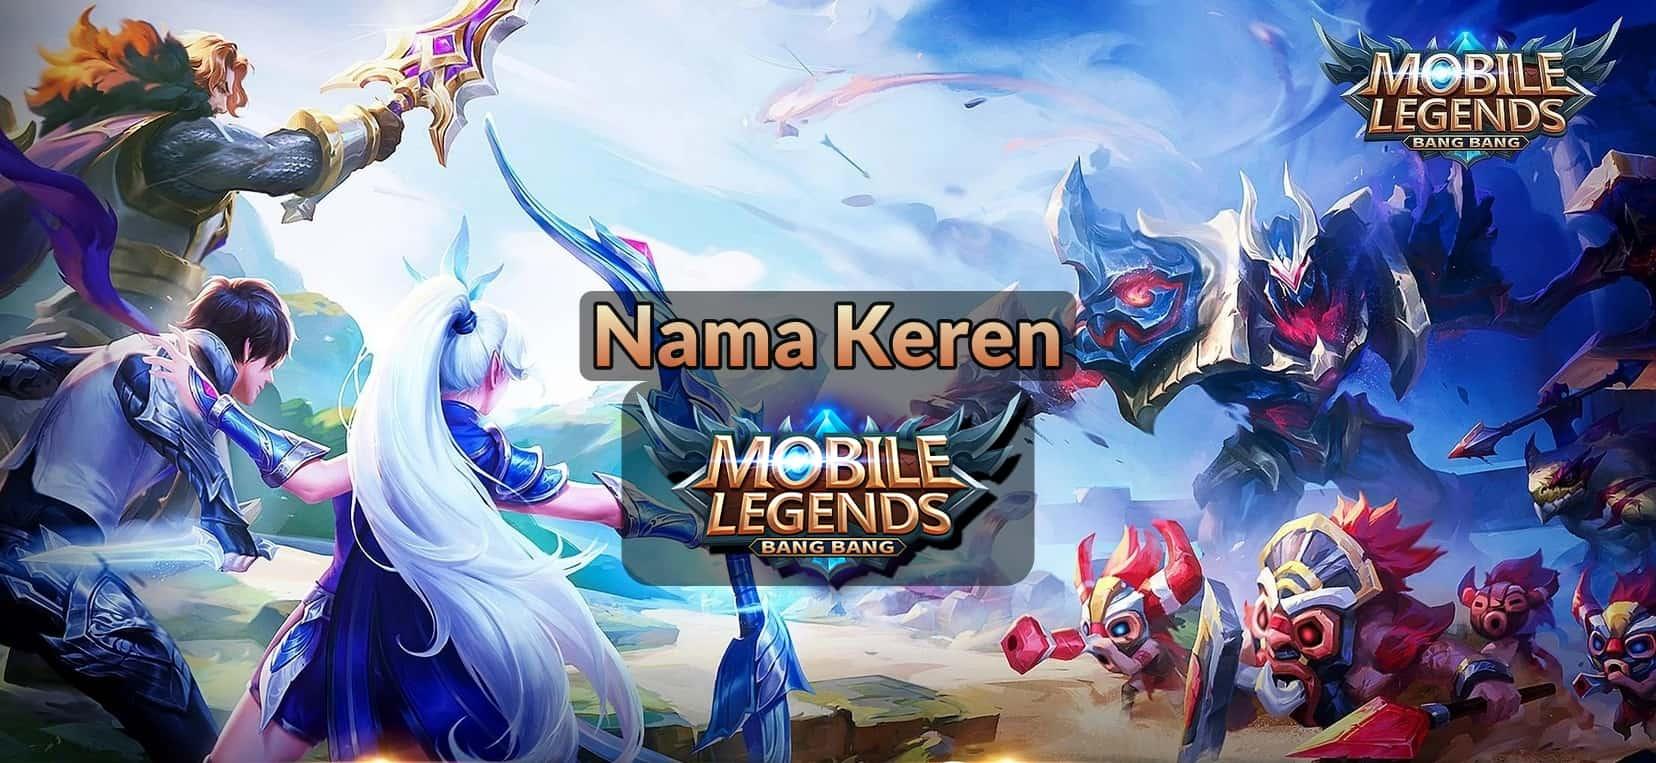 1500 Nama Keren Mobile Legends Terbaru 2021 Vazgaming Com